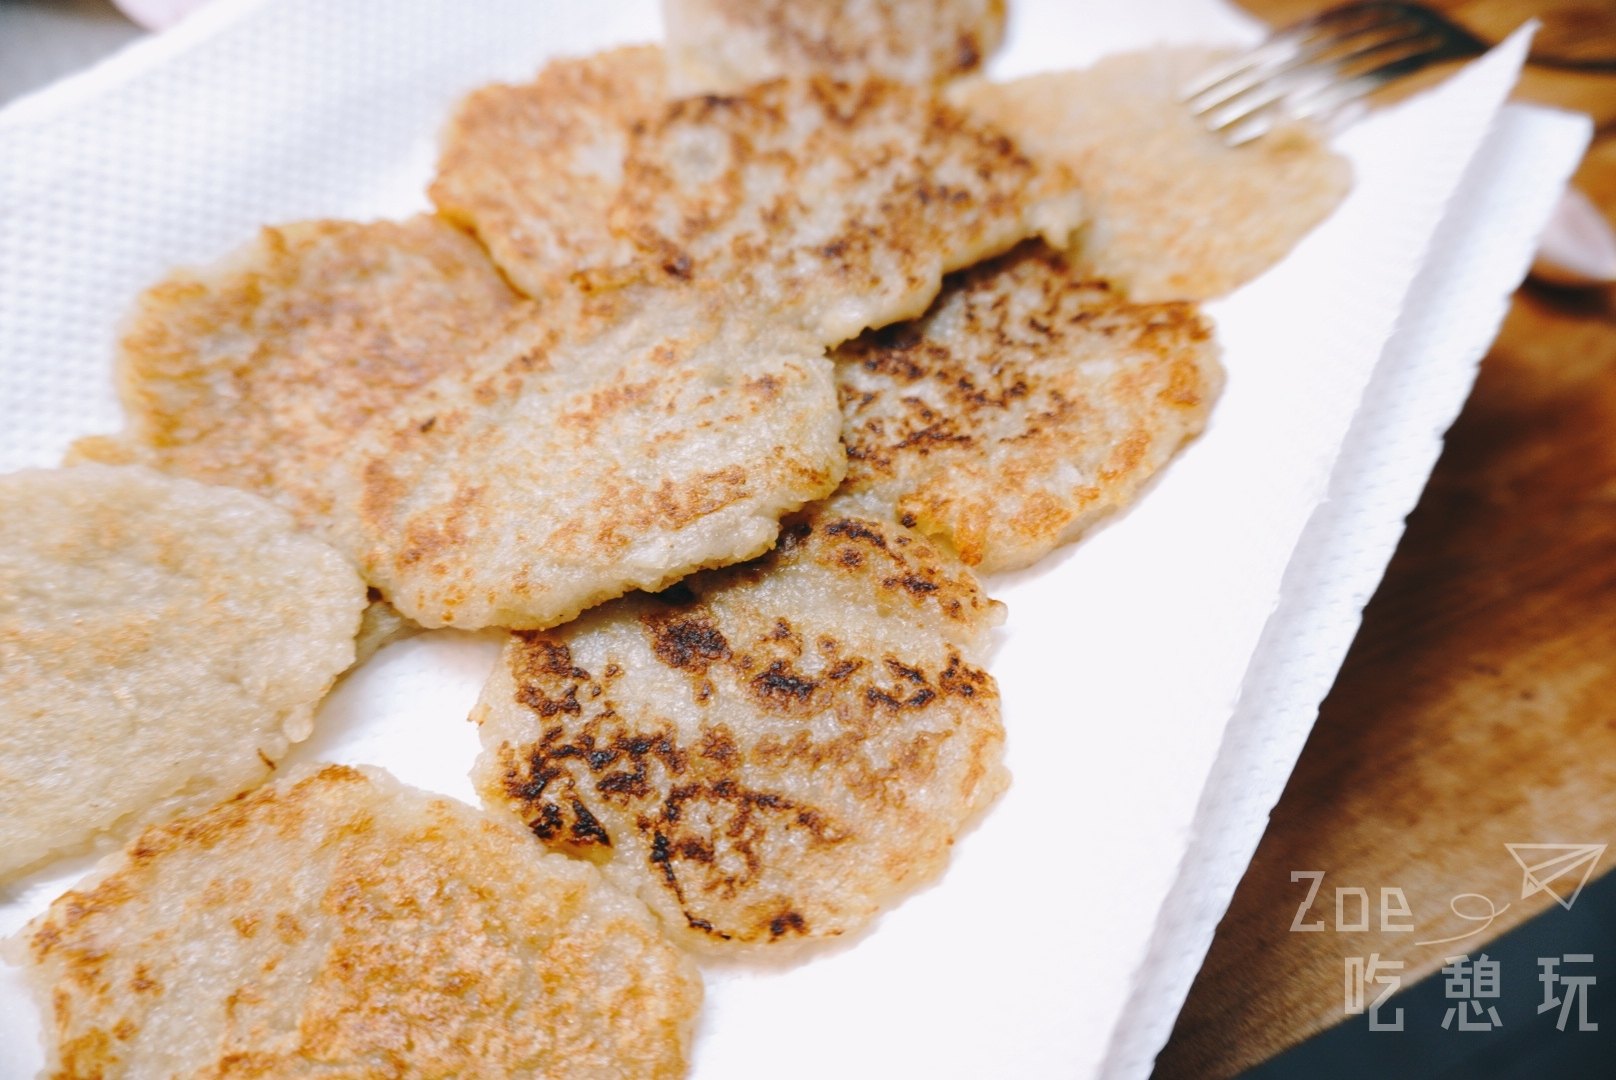 宅在家做料理-馬鈴薯煎餅,在家也能簡單吃到韓國道地小吃